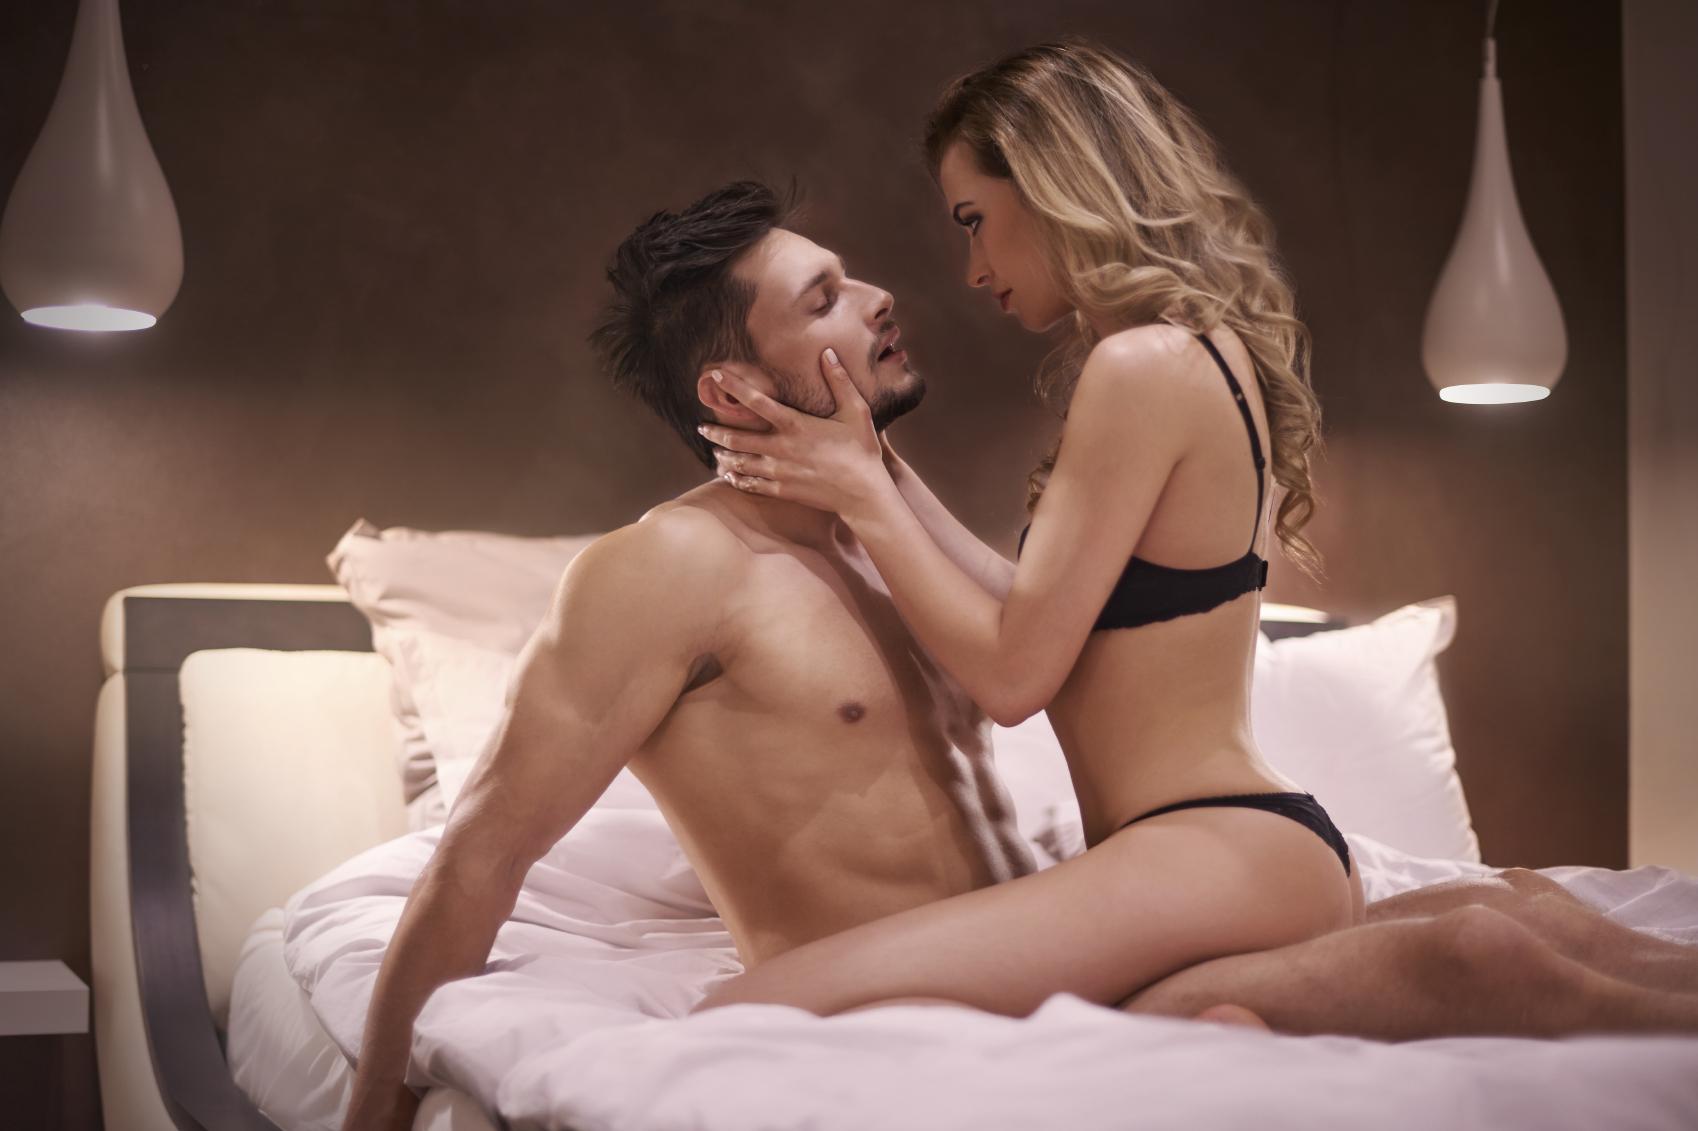 næstved pigerne spil sex